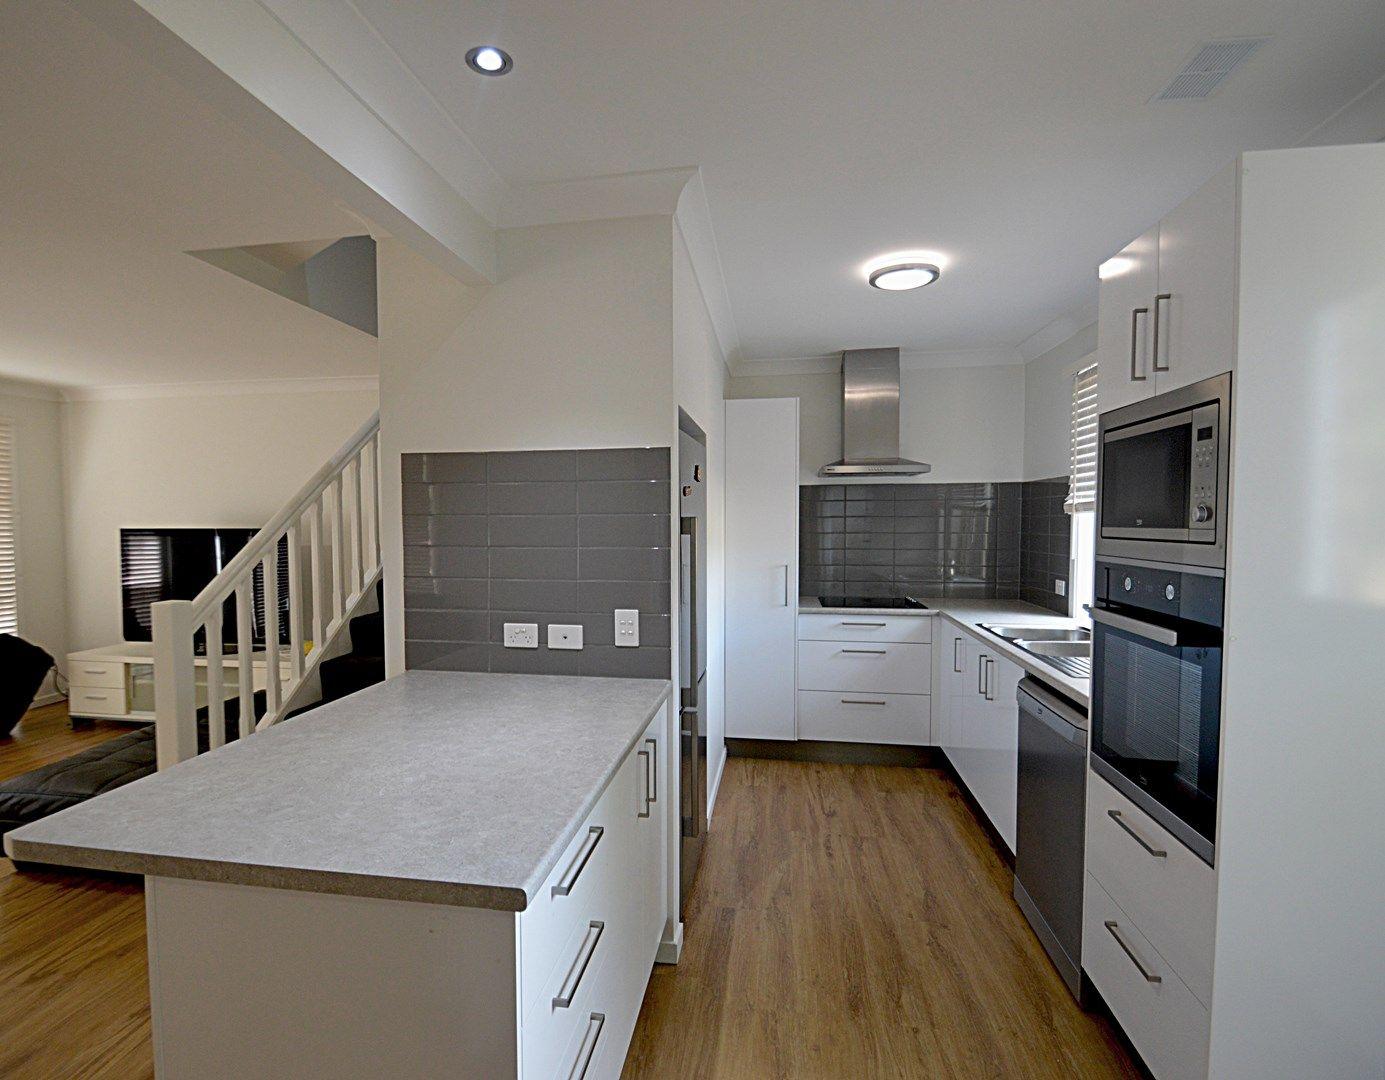 23/49 Maranda Street, Shailer Park QLD 4128, Image 0